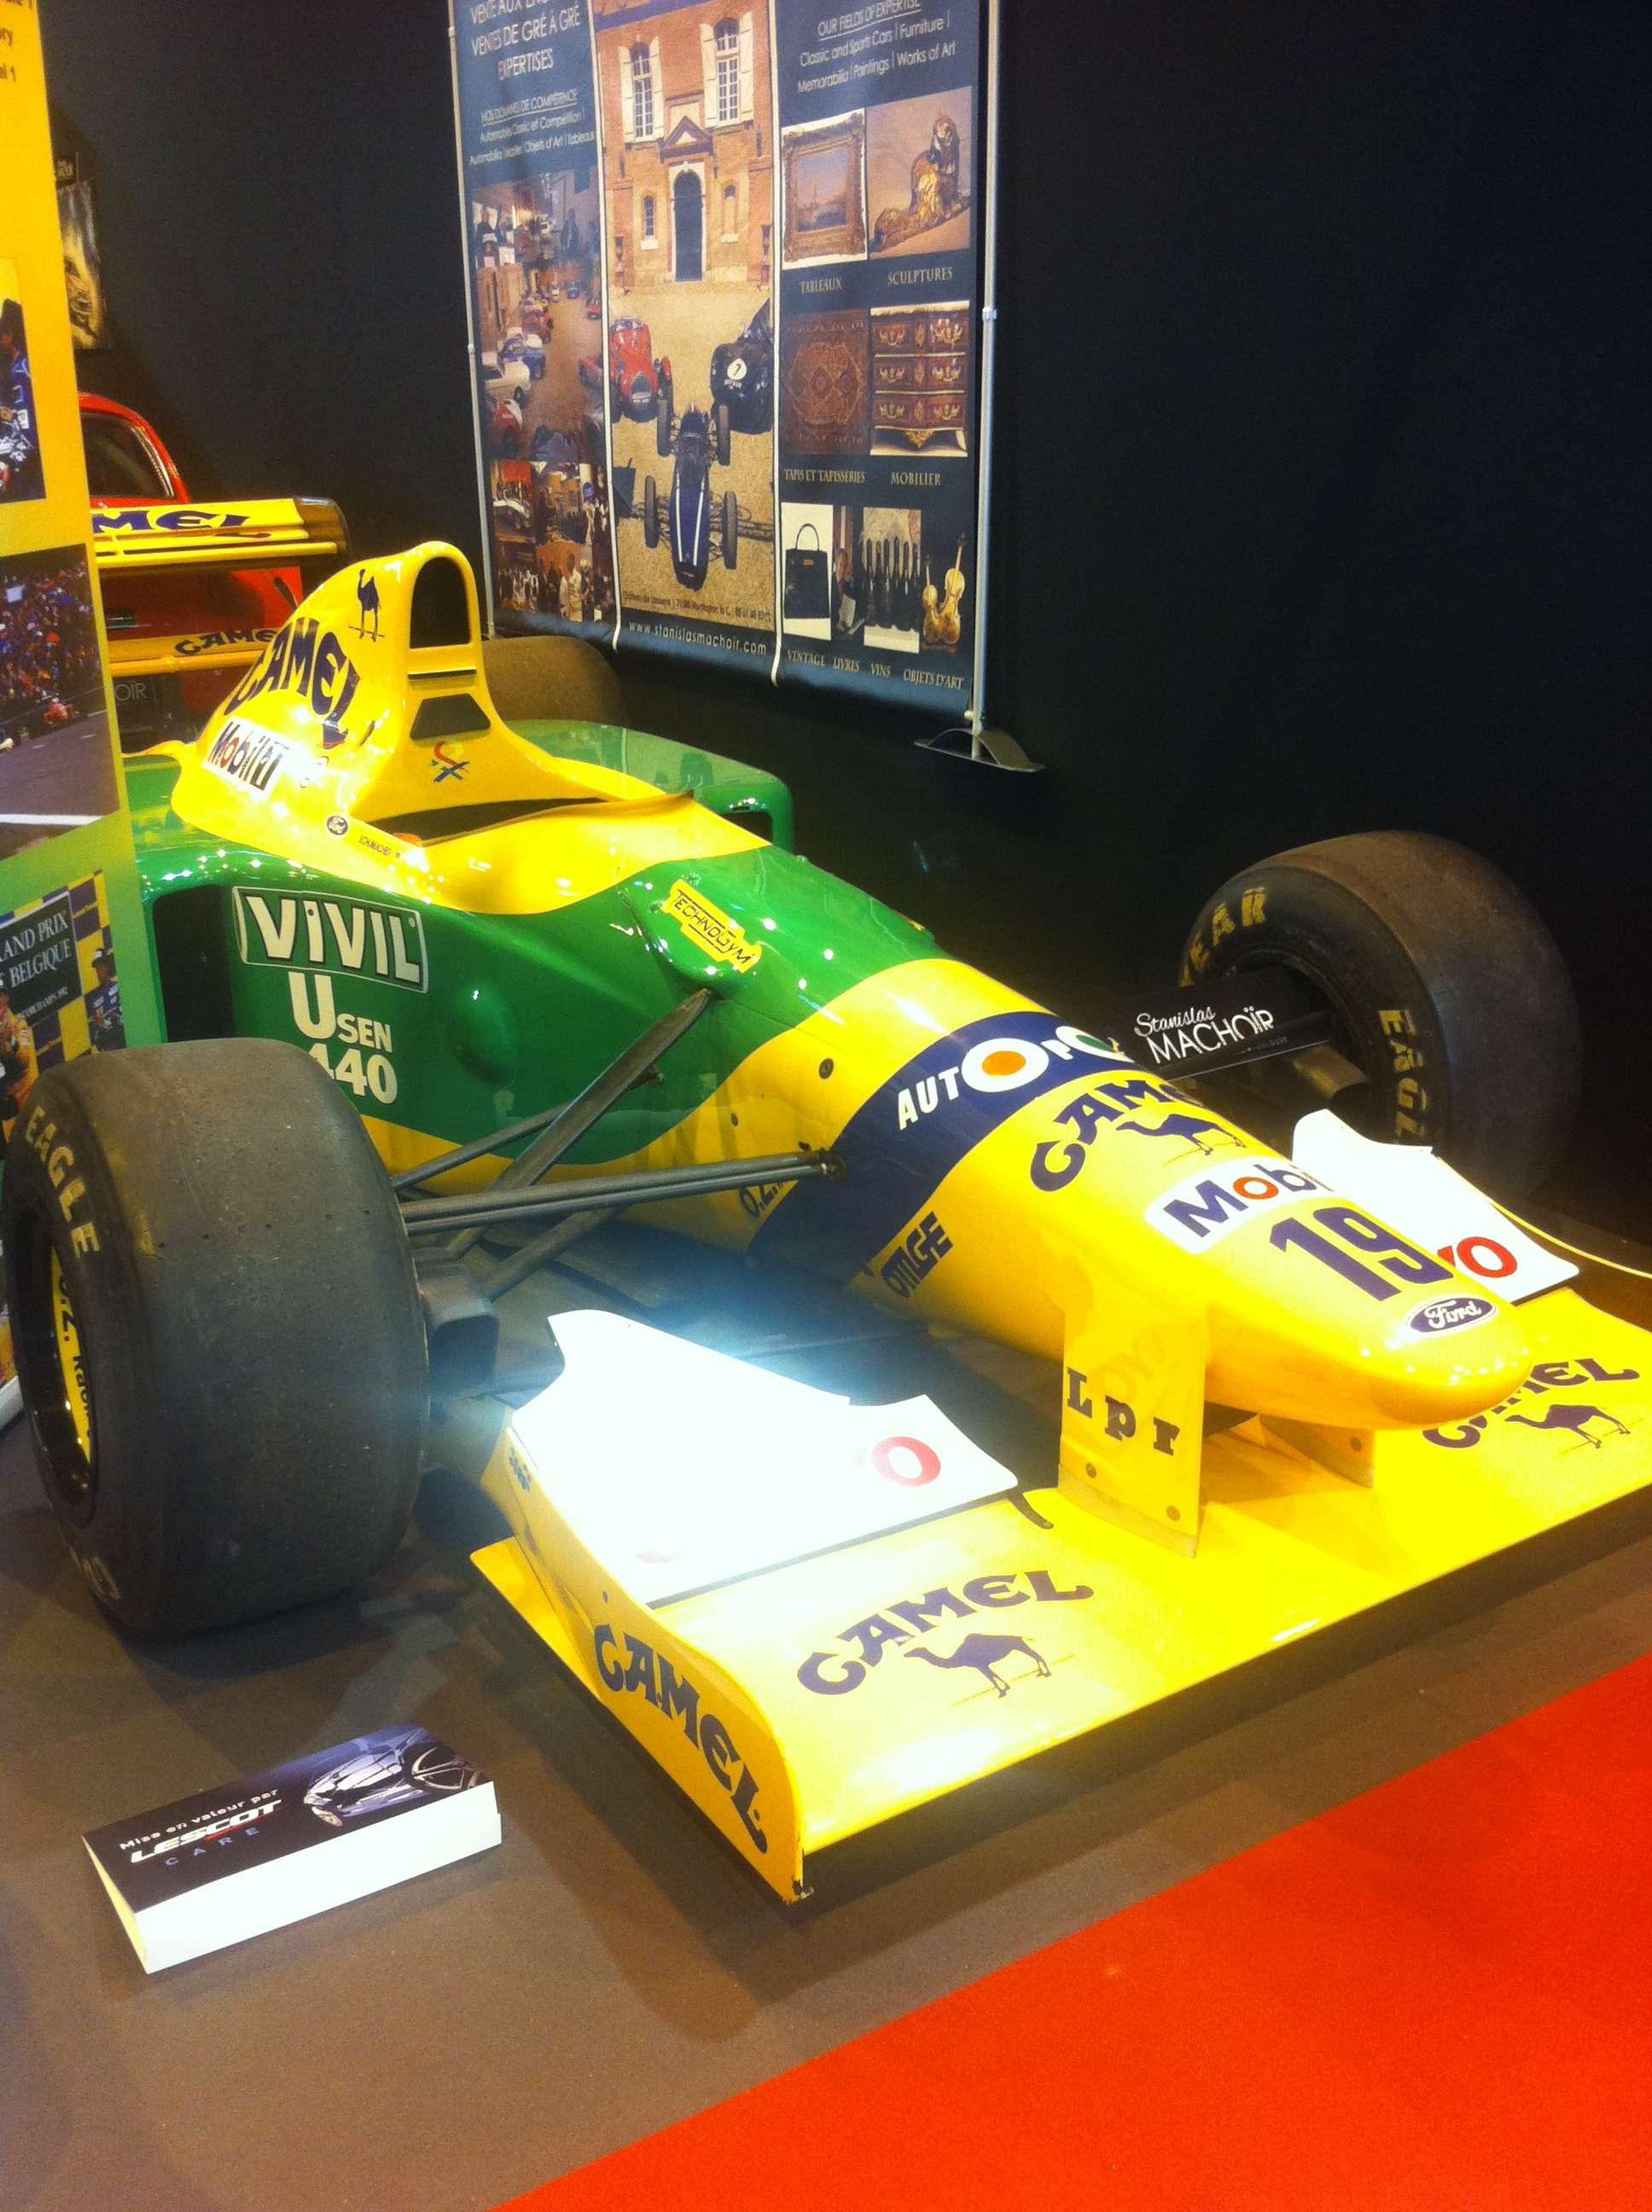 Benetton, Formula, 1, masina cu care pilotul german Mickaël Schumacher a câstigat primul sàu mare premiu, Belgia-Spa Francorchamps, august 1992